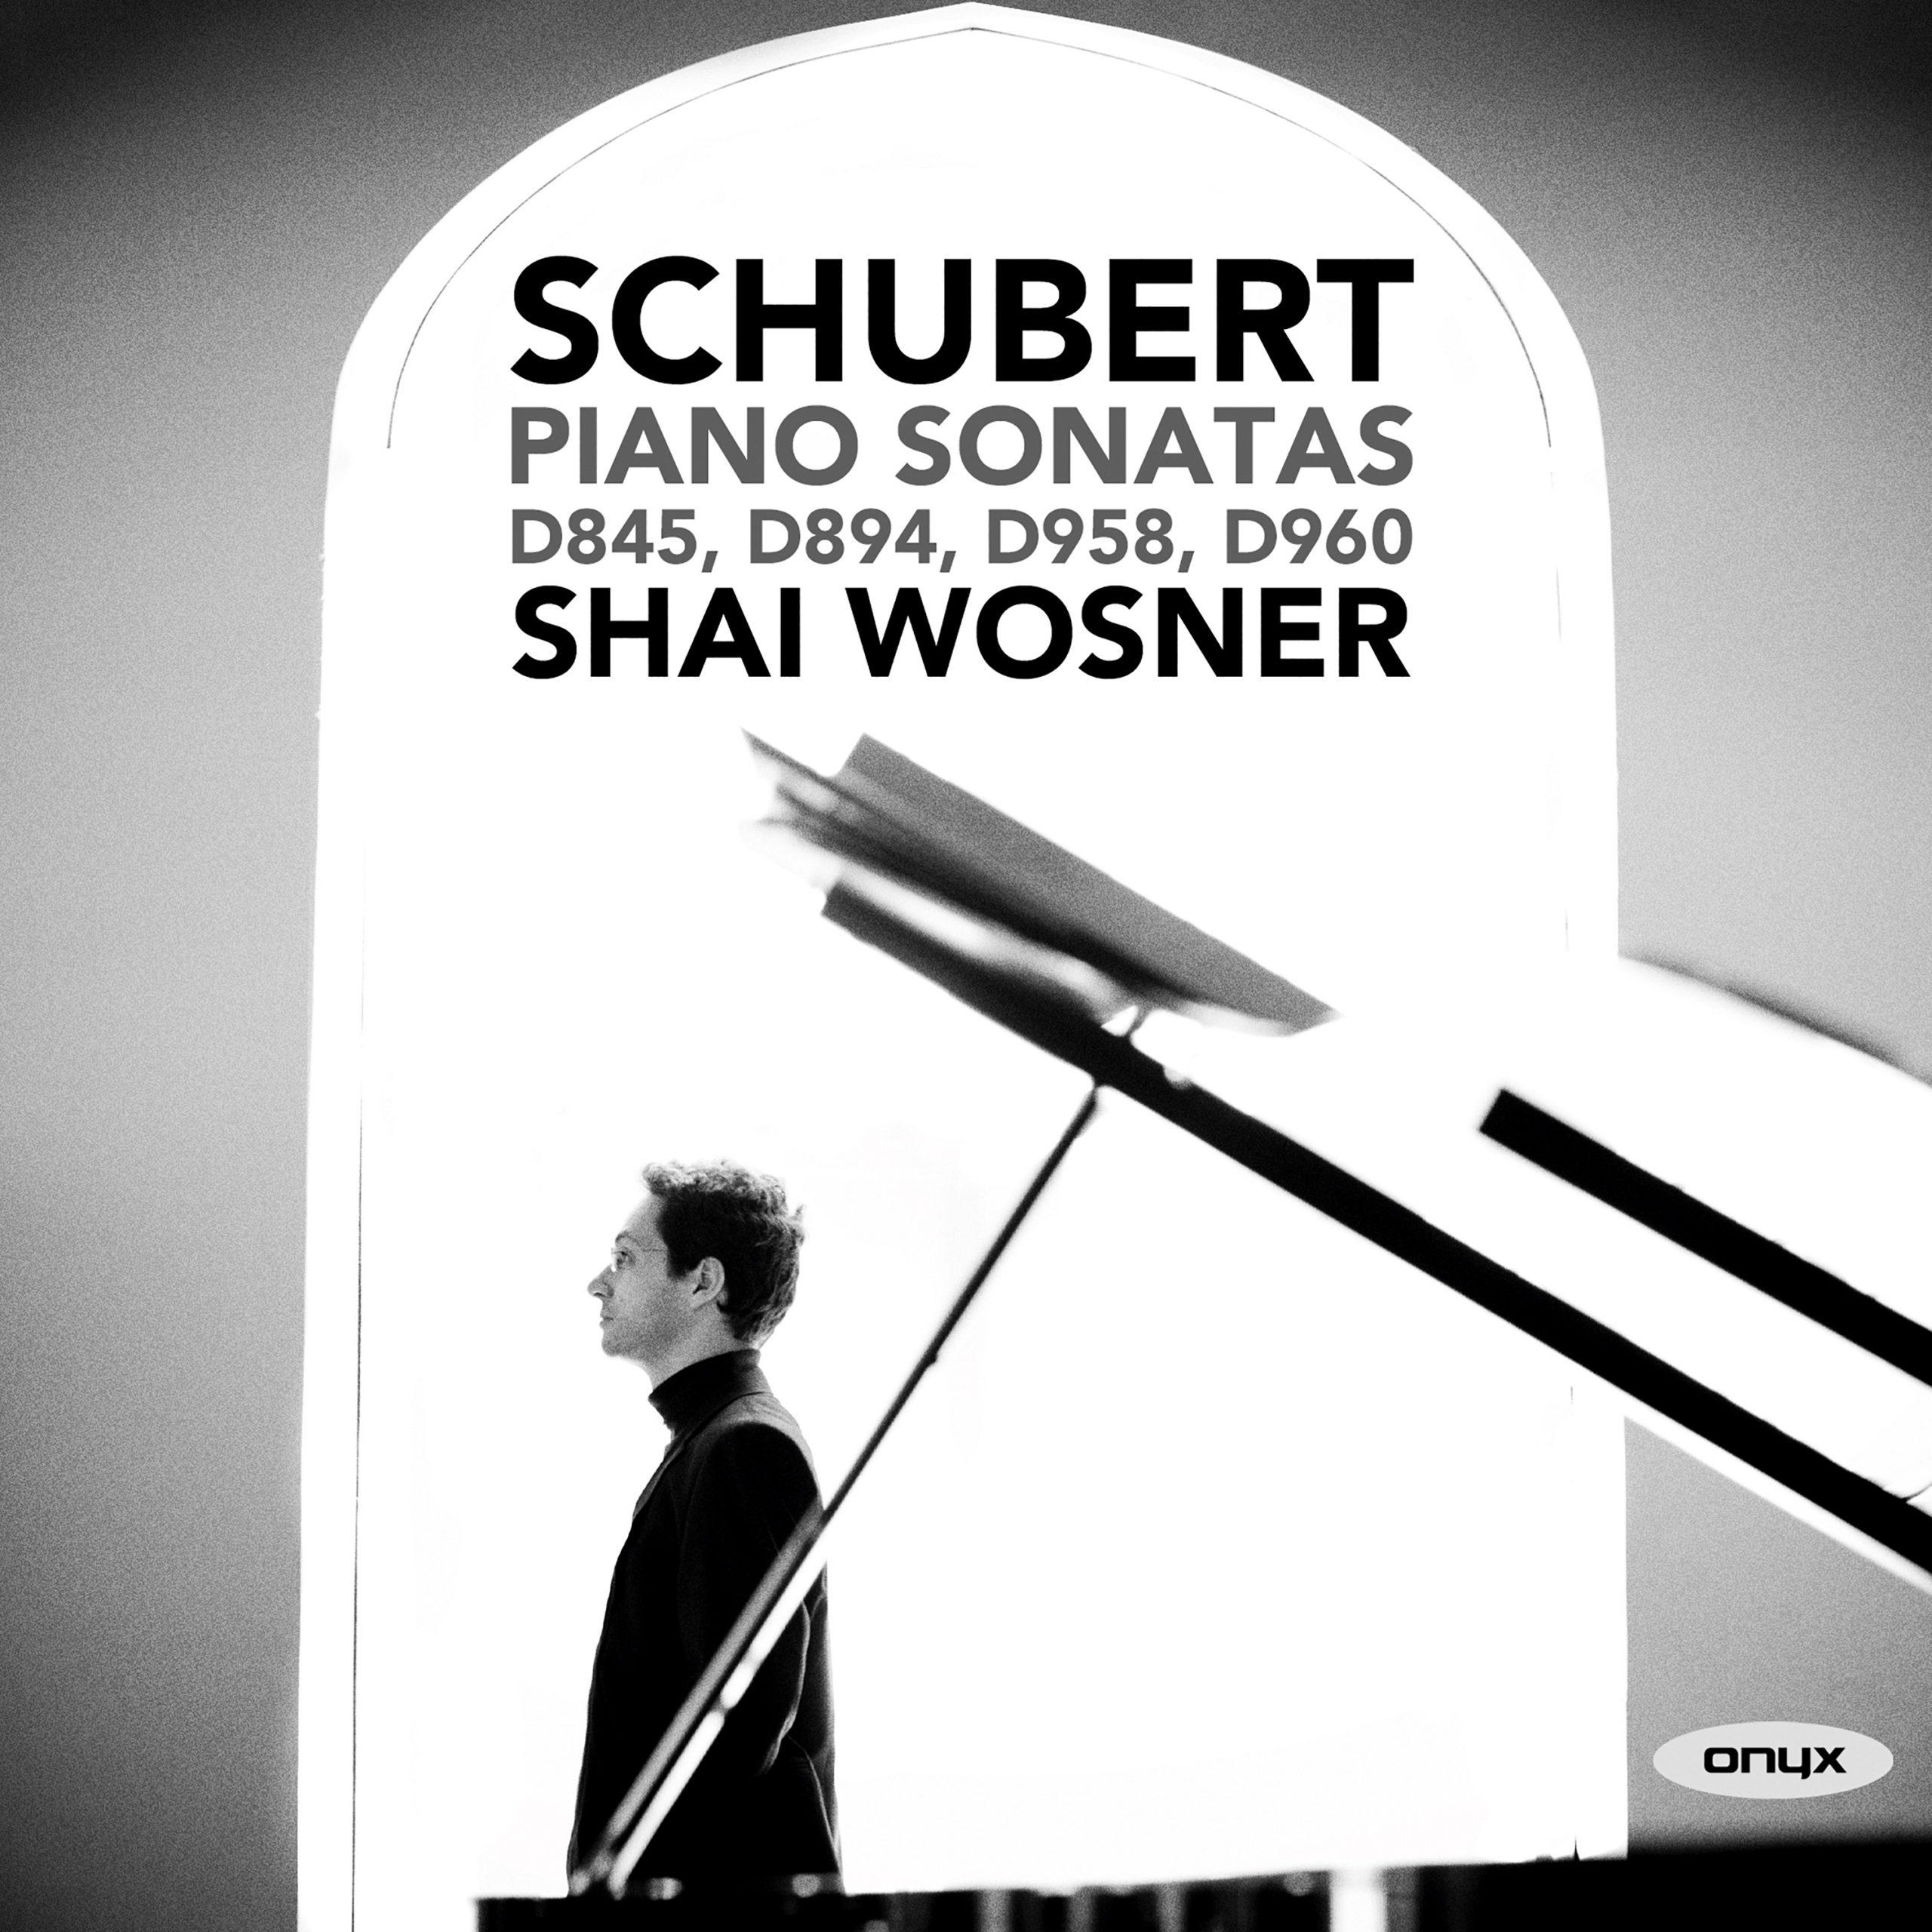 Schubert: Piano Sonatas No. 16, D. 845; No. 18, D. 894; No. 19, D. 958; No. 21, D. 960